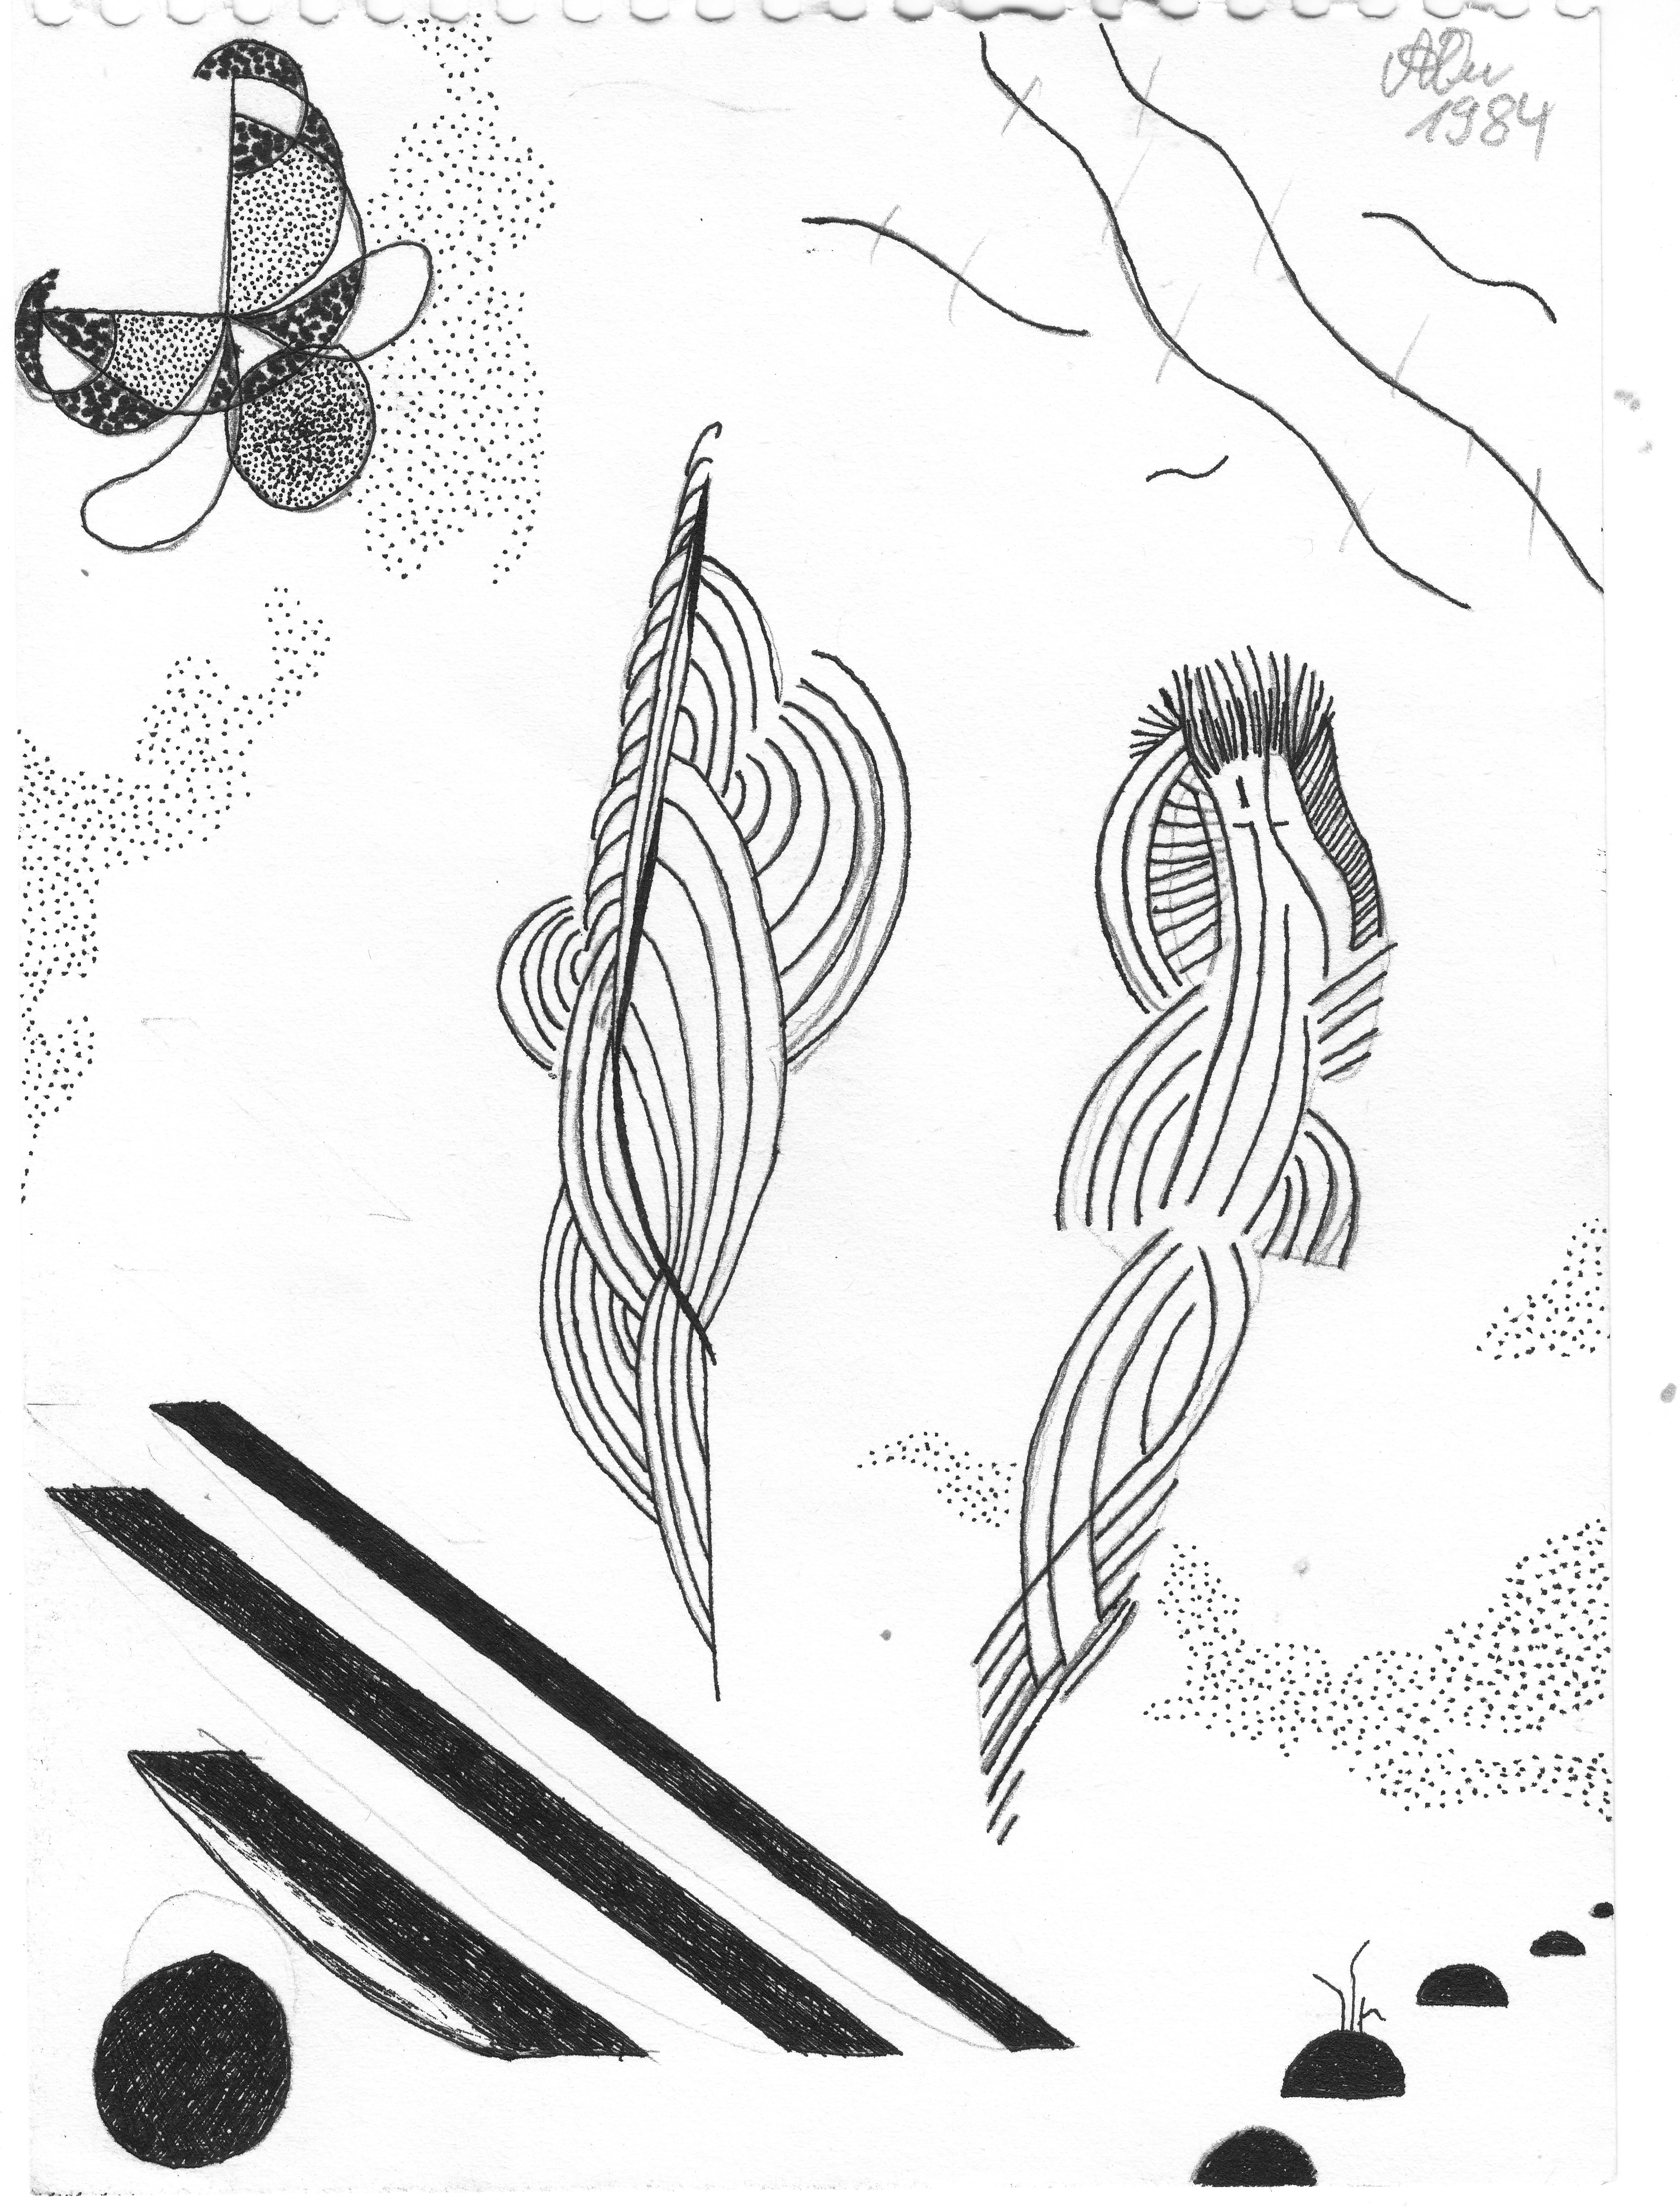 Mode fremder Planeten 2; 1984; Tusche; imachd.